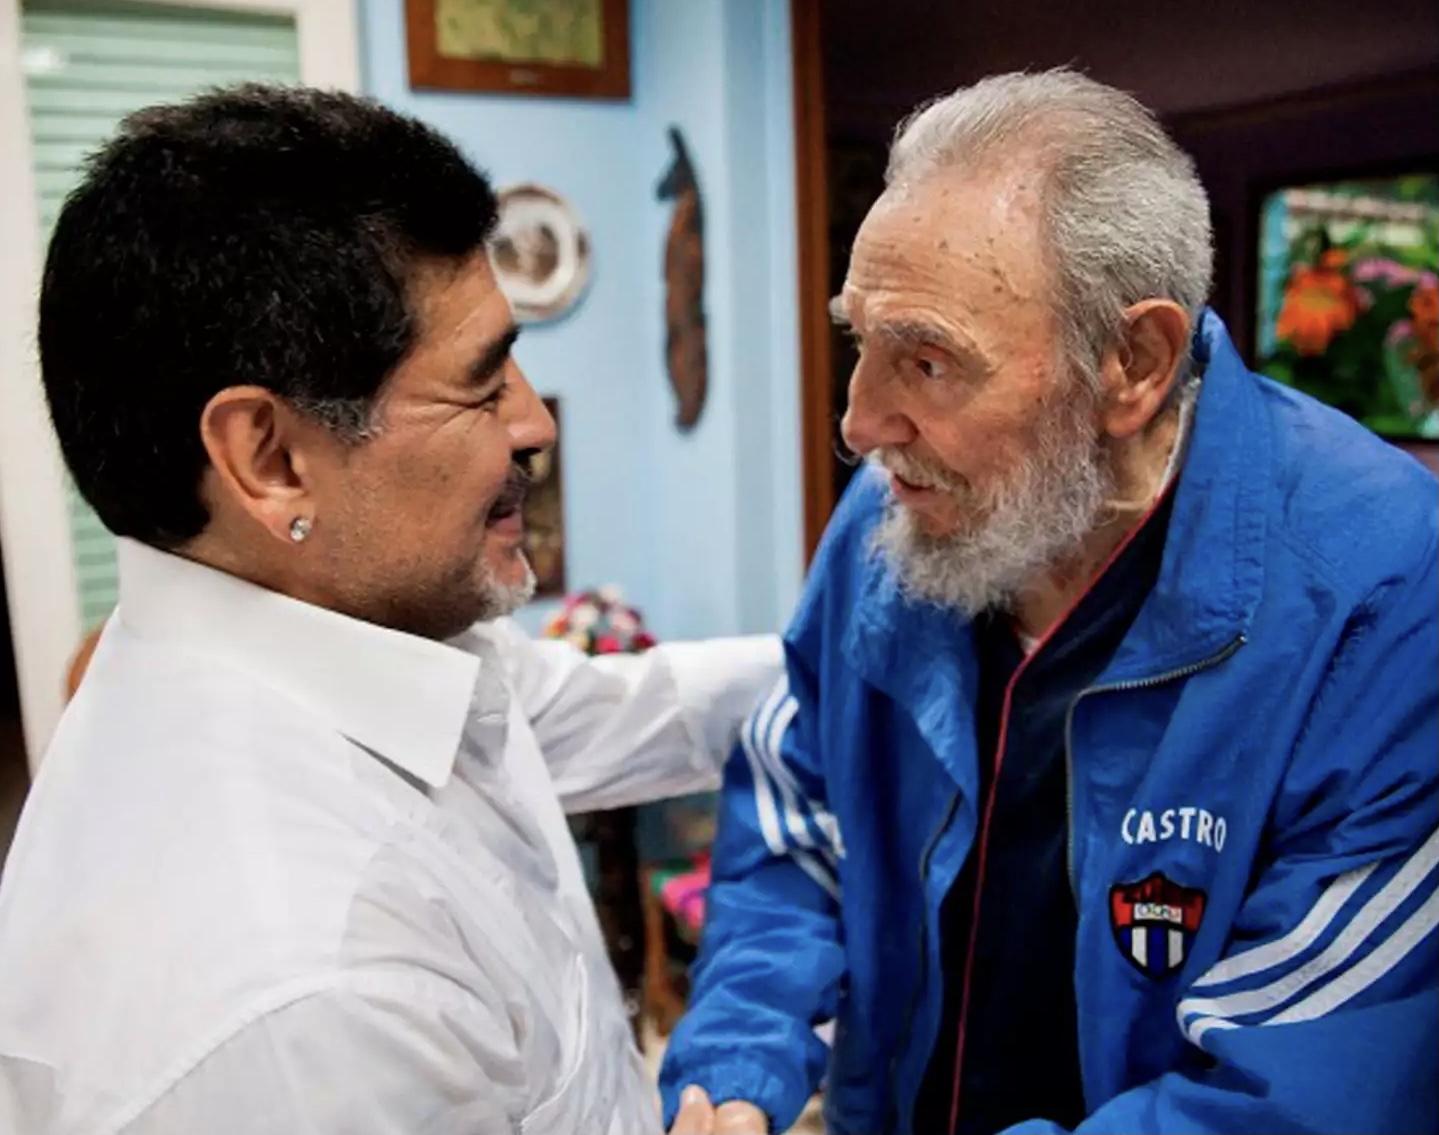 Φιντέλ Κάστρο, Ντιέγκο Μαραντόνα, ίδια μέρα θανάτου, ίδια θέση στην αιωνιότητα